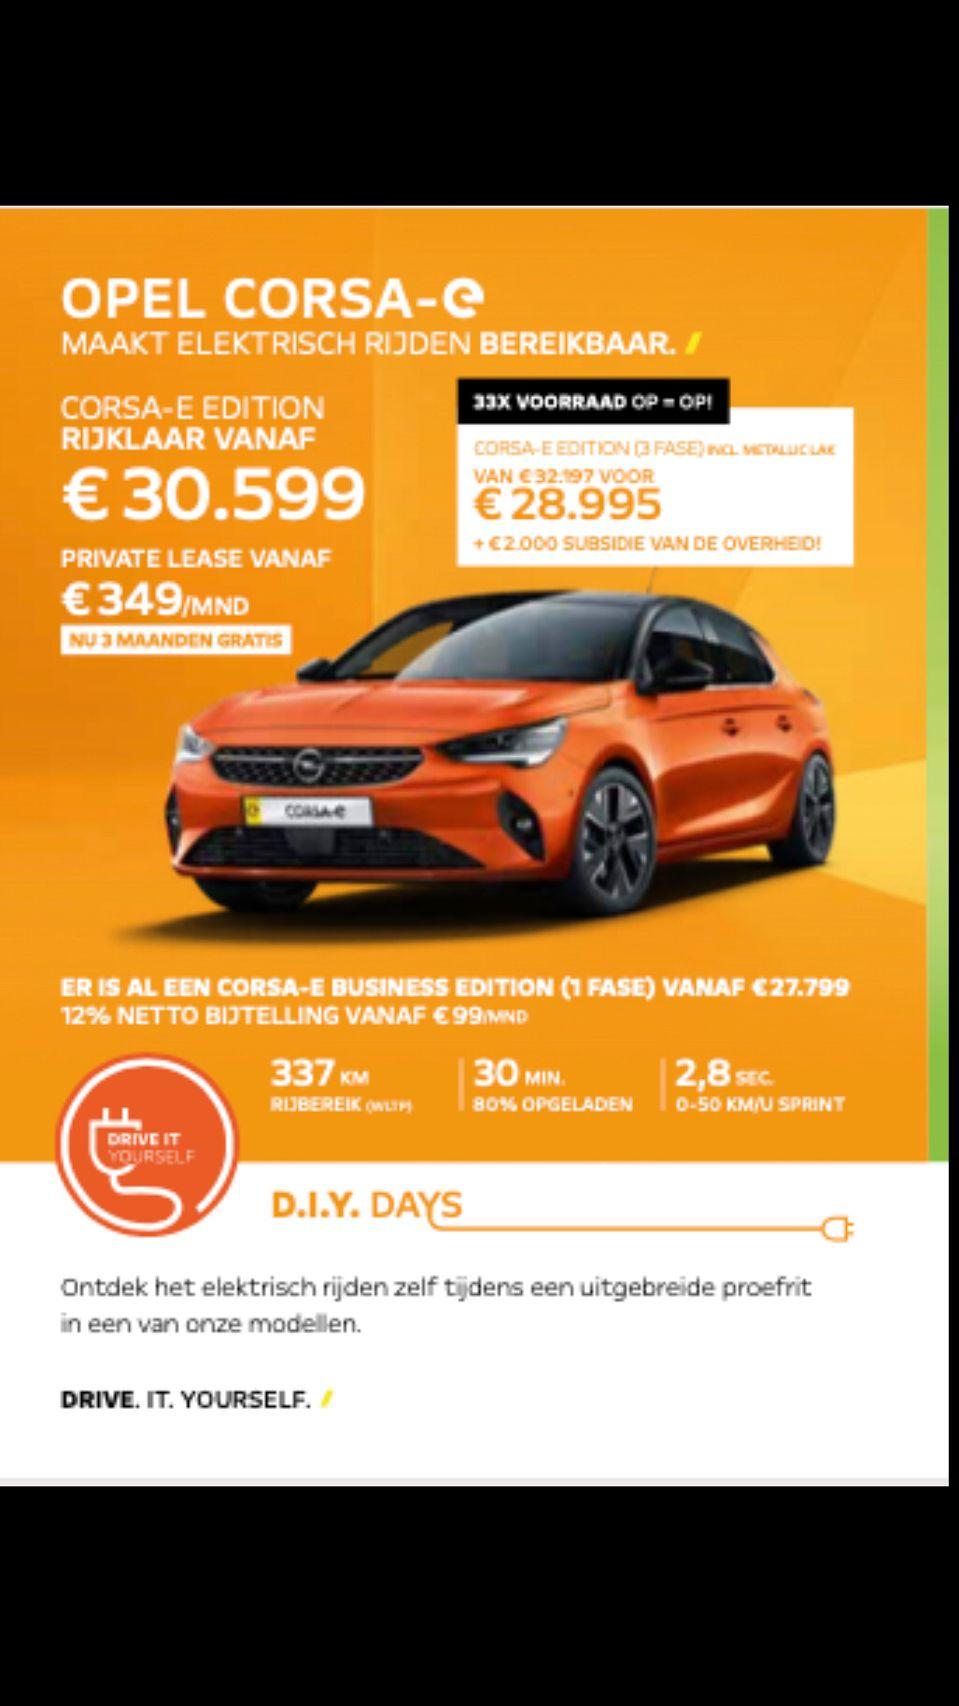 Elektrisch rijden Broekhuis Opel Harderwijk